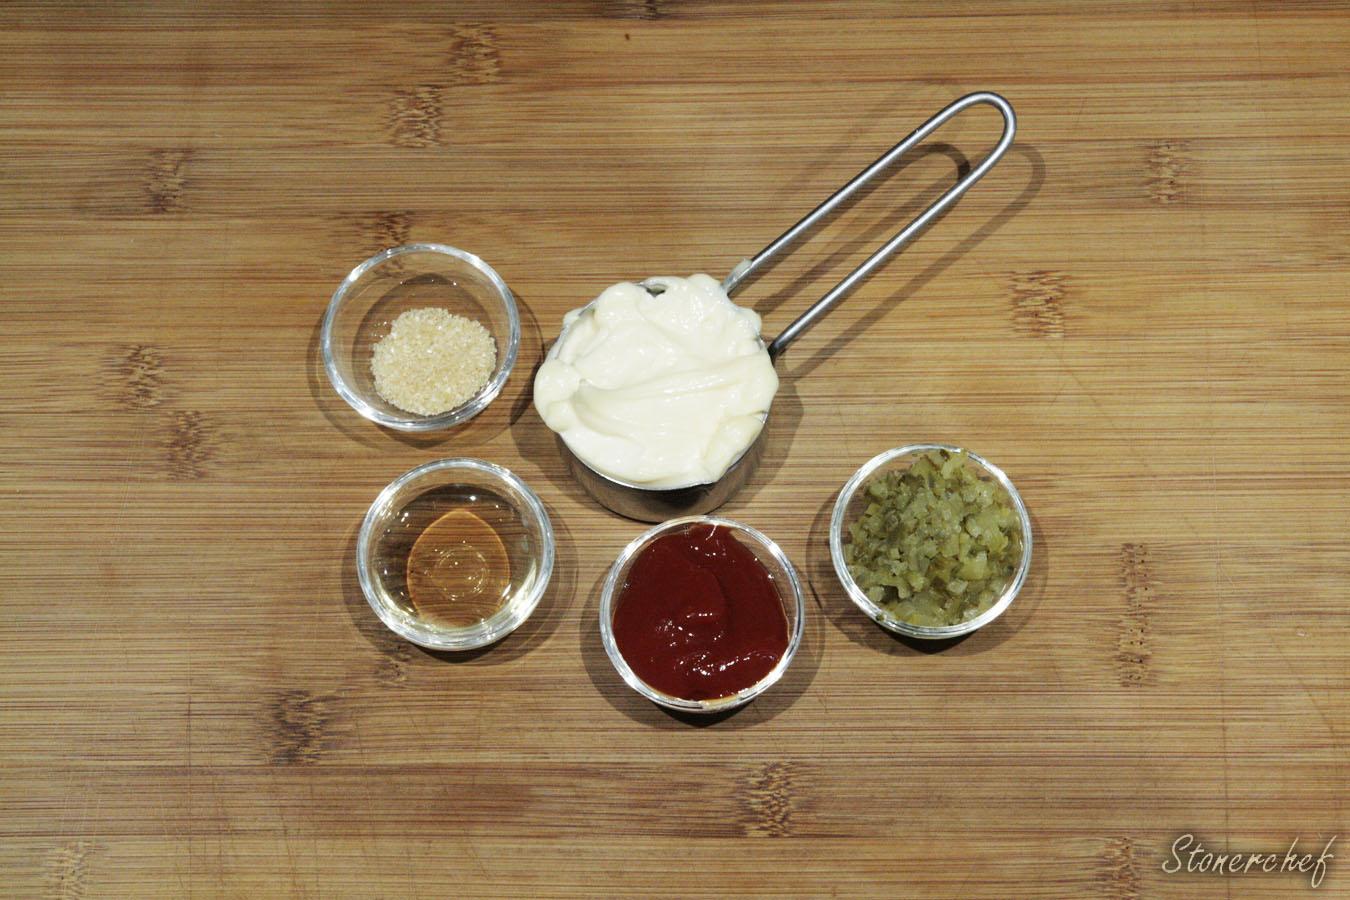 składniki na sos do bliźniaczych burgerów